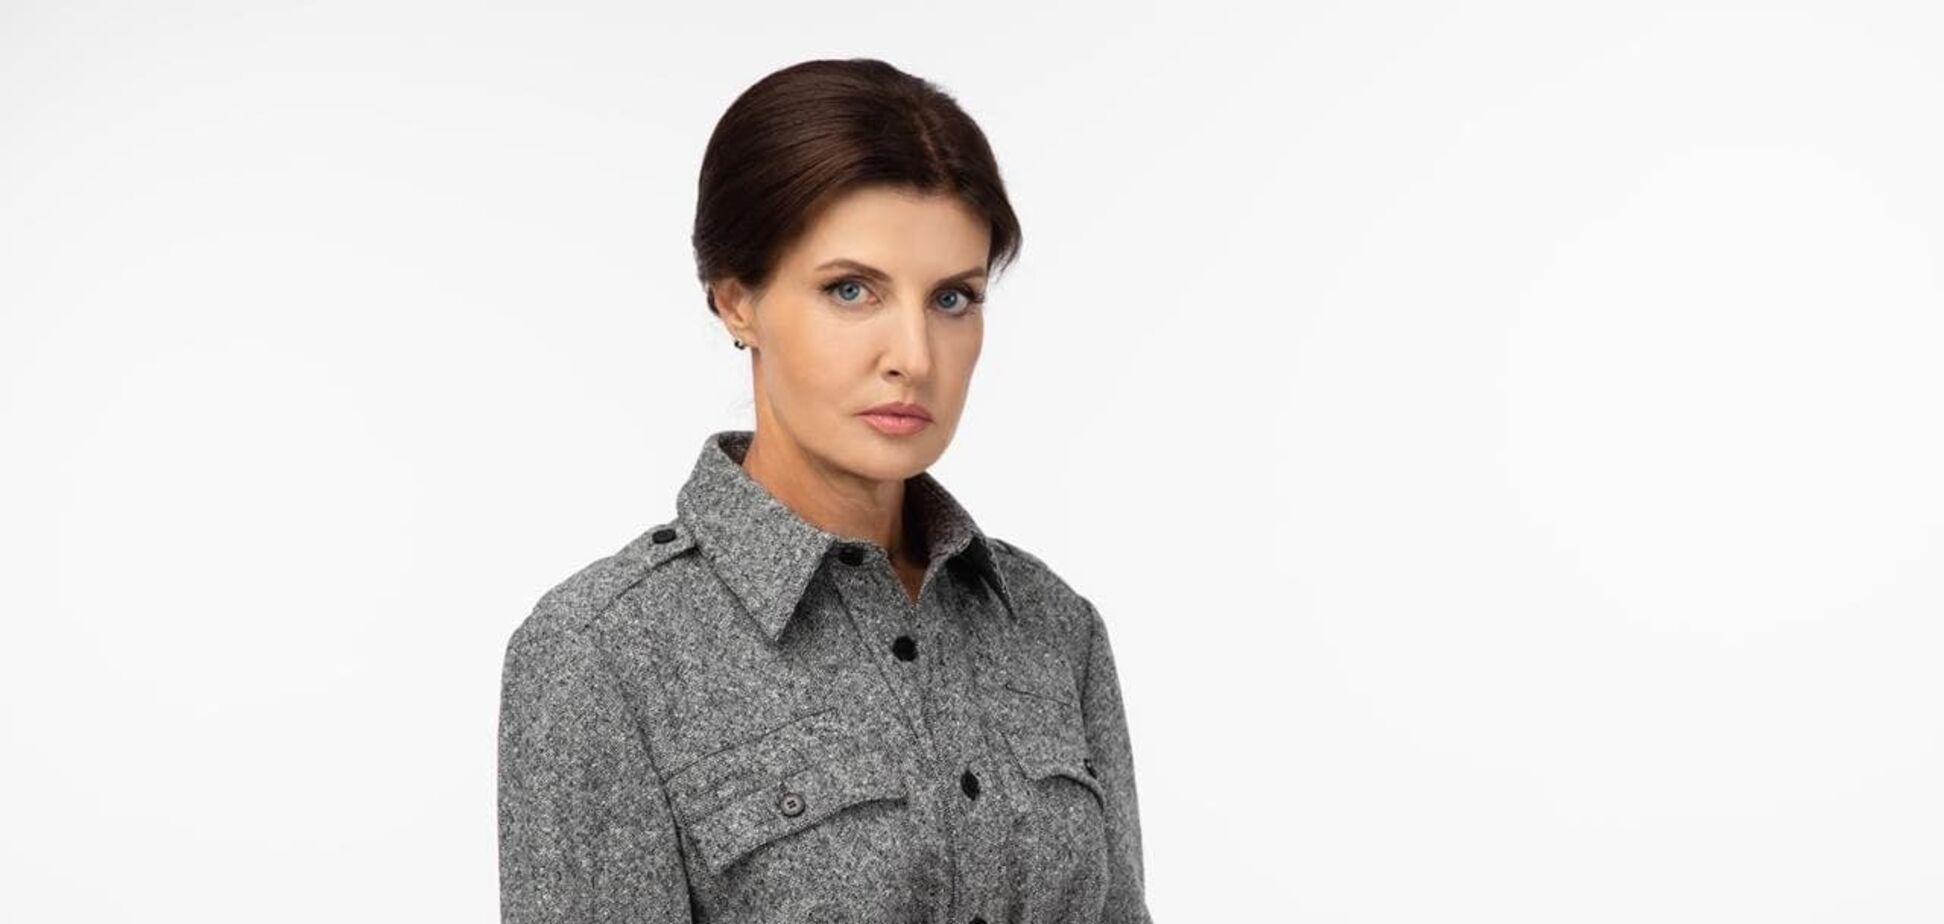 Марина Порошенко предложила внедрить механизм персонального ассистента для людей с инвалидностью